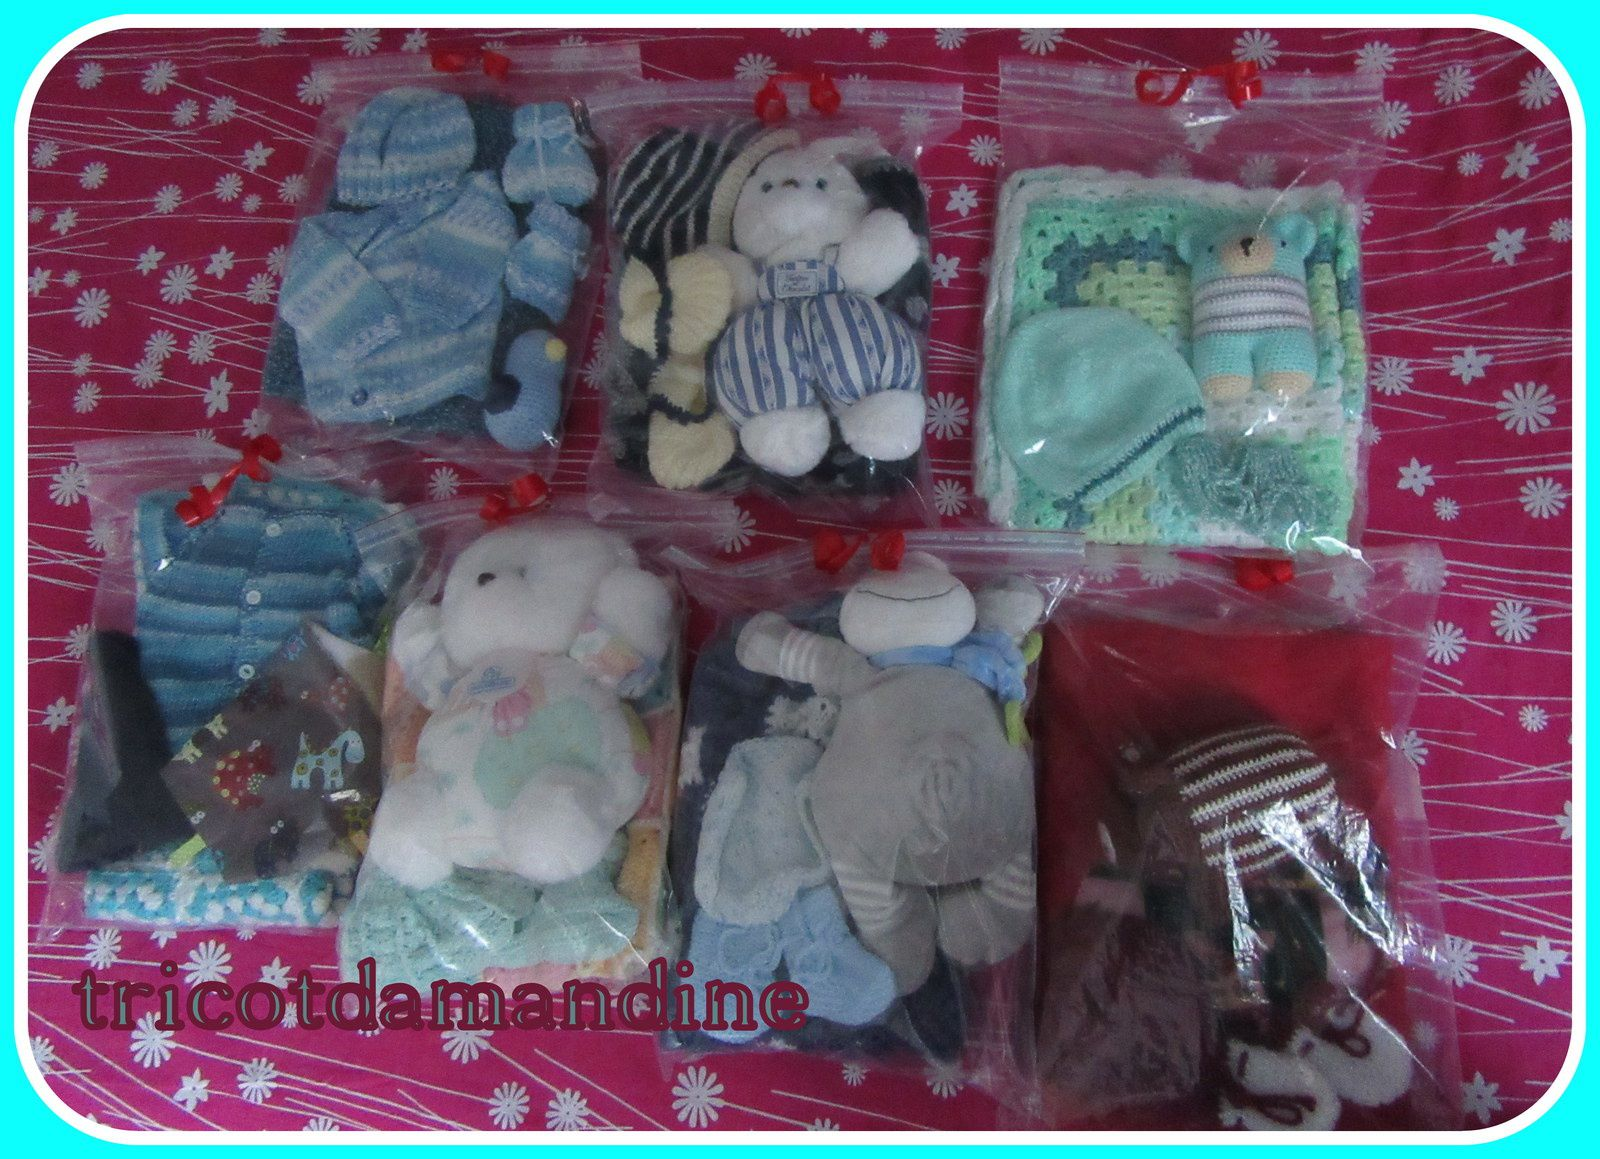 Ma visite à la maternité , distribution de vos colis de Noël ...